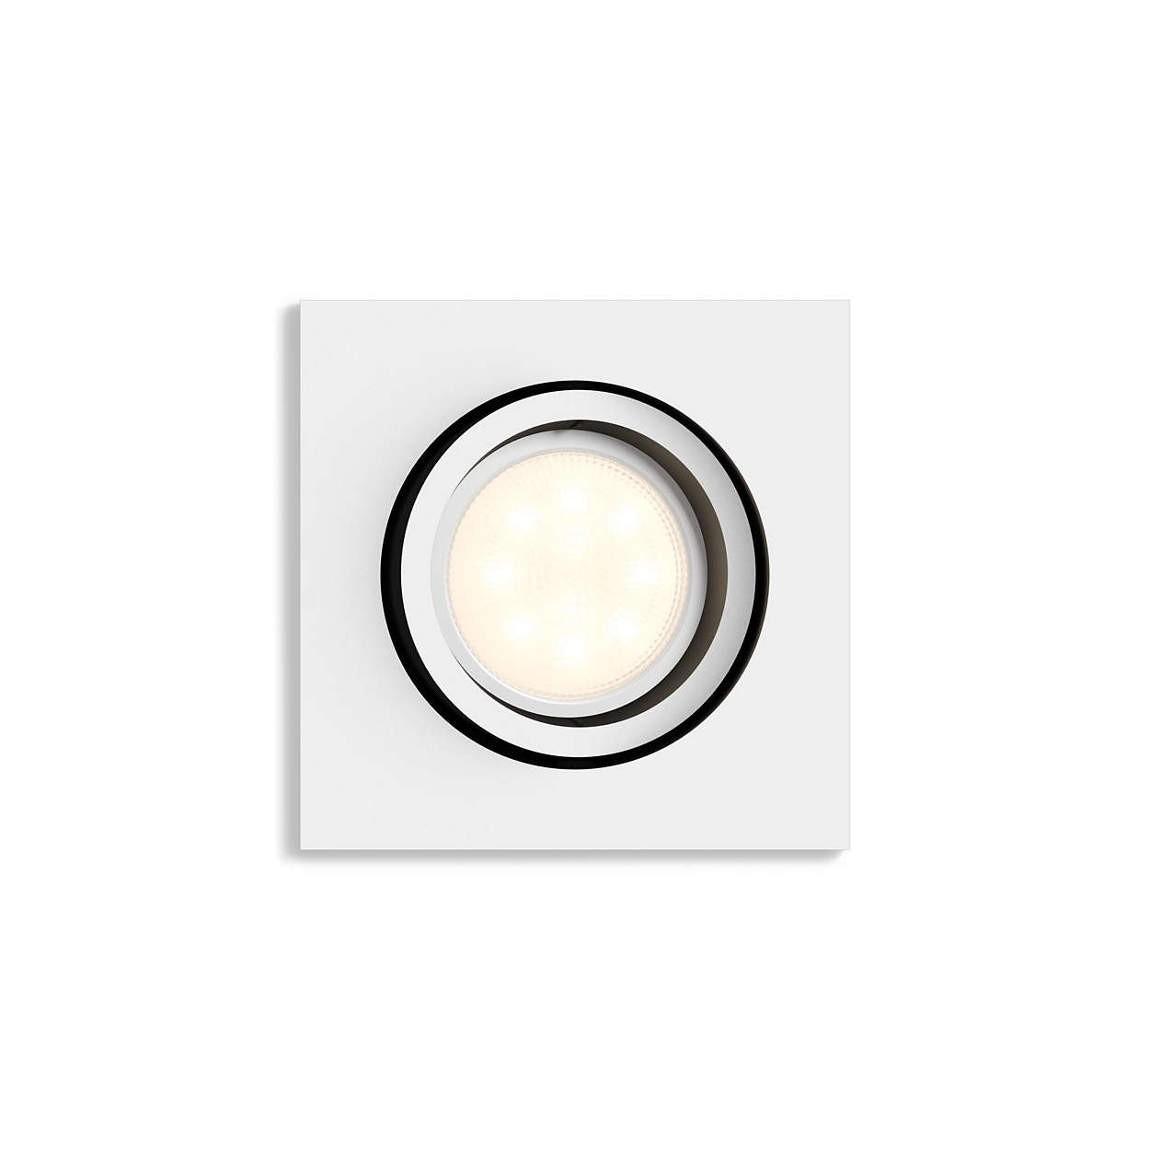 Philips Hue Milliskin Erweiterungs-Einbau-Spots viereckig - Weiß